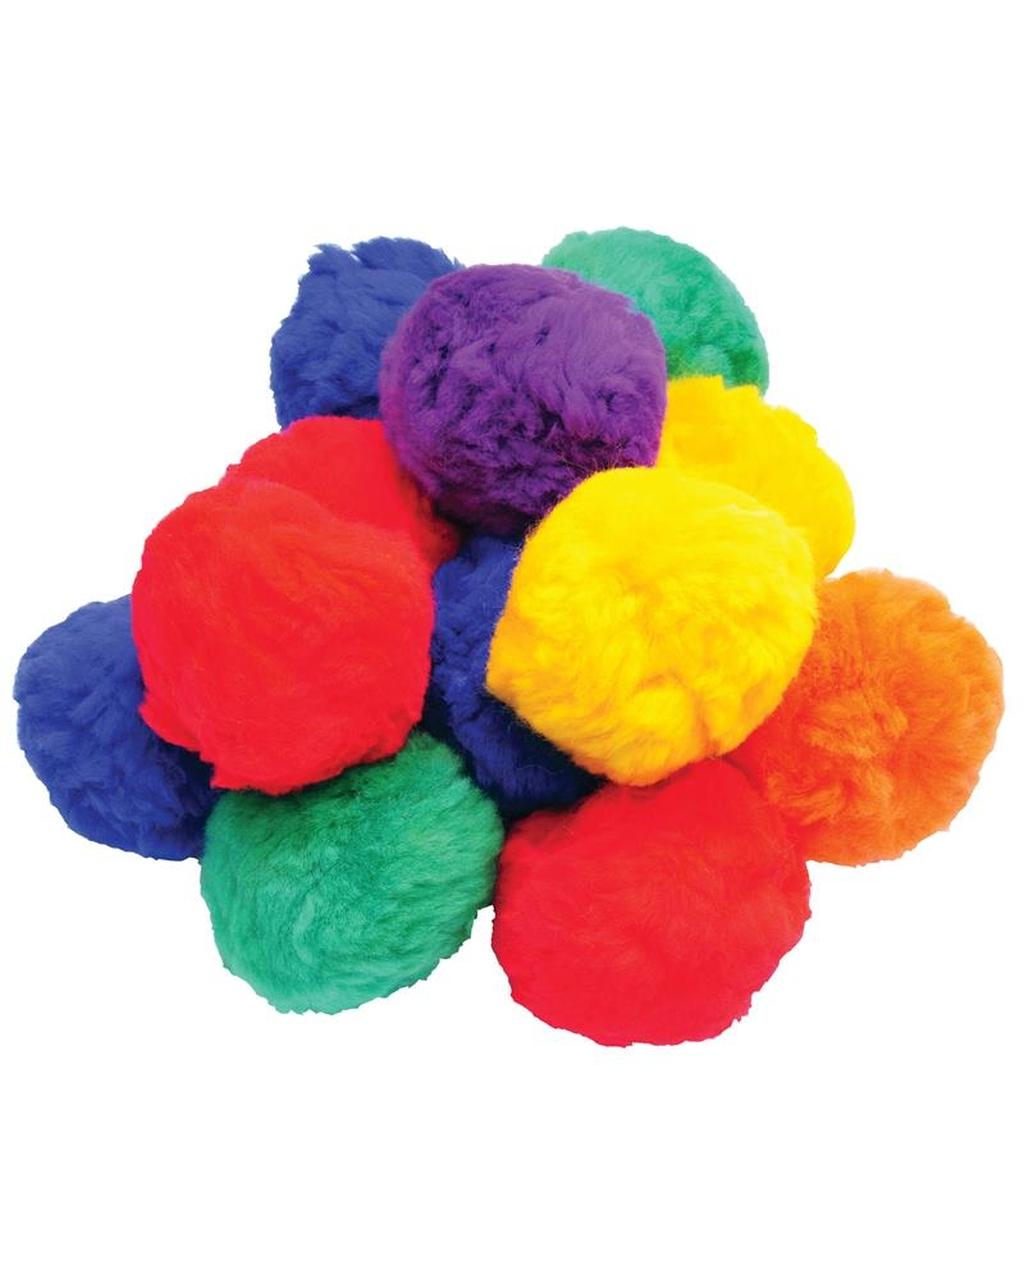 Fluff Balls